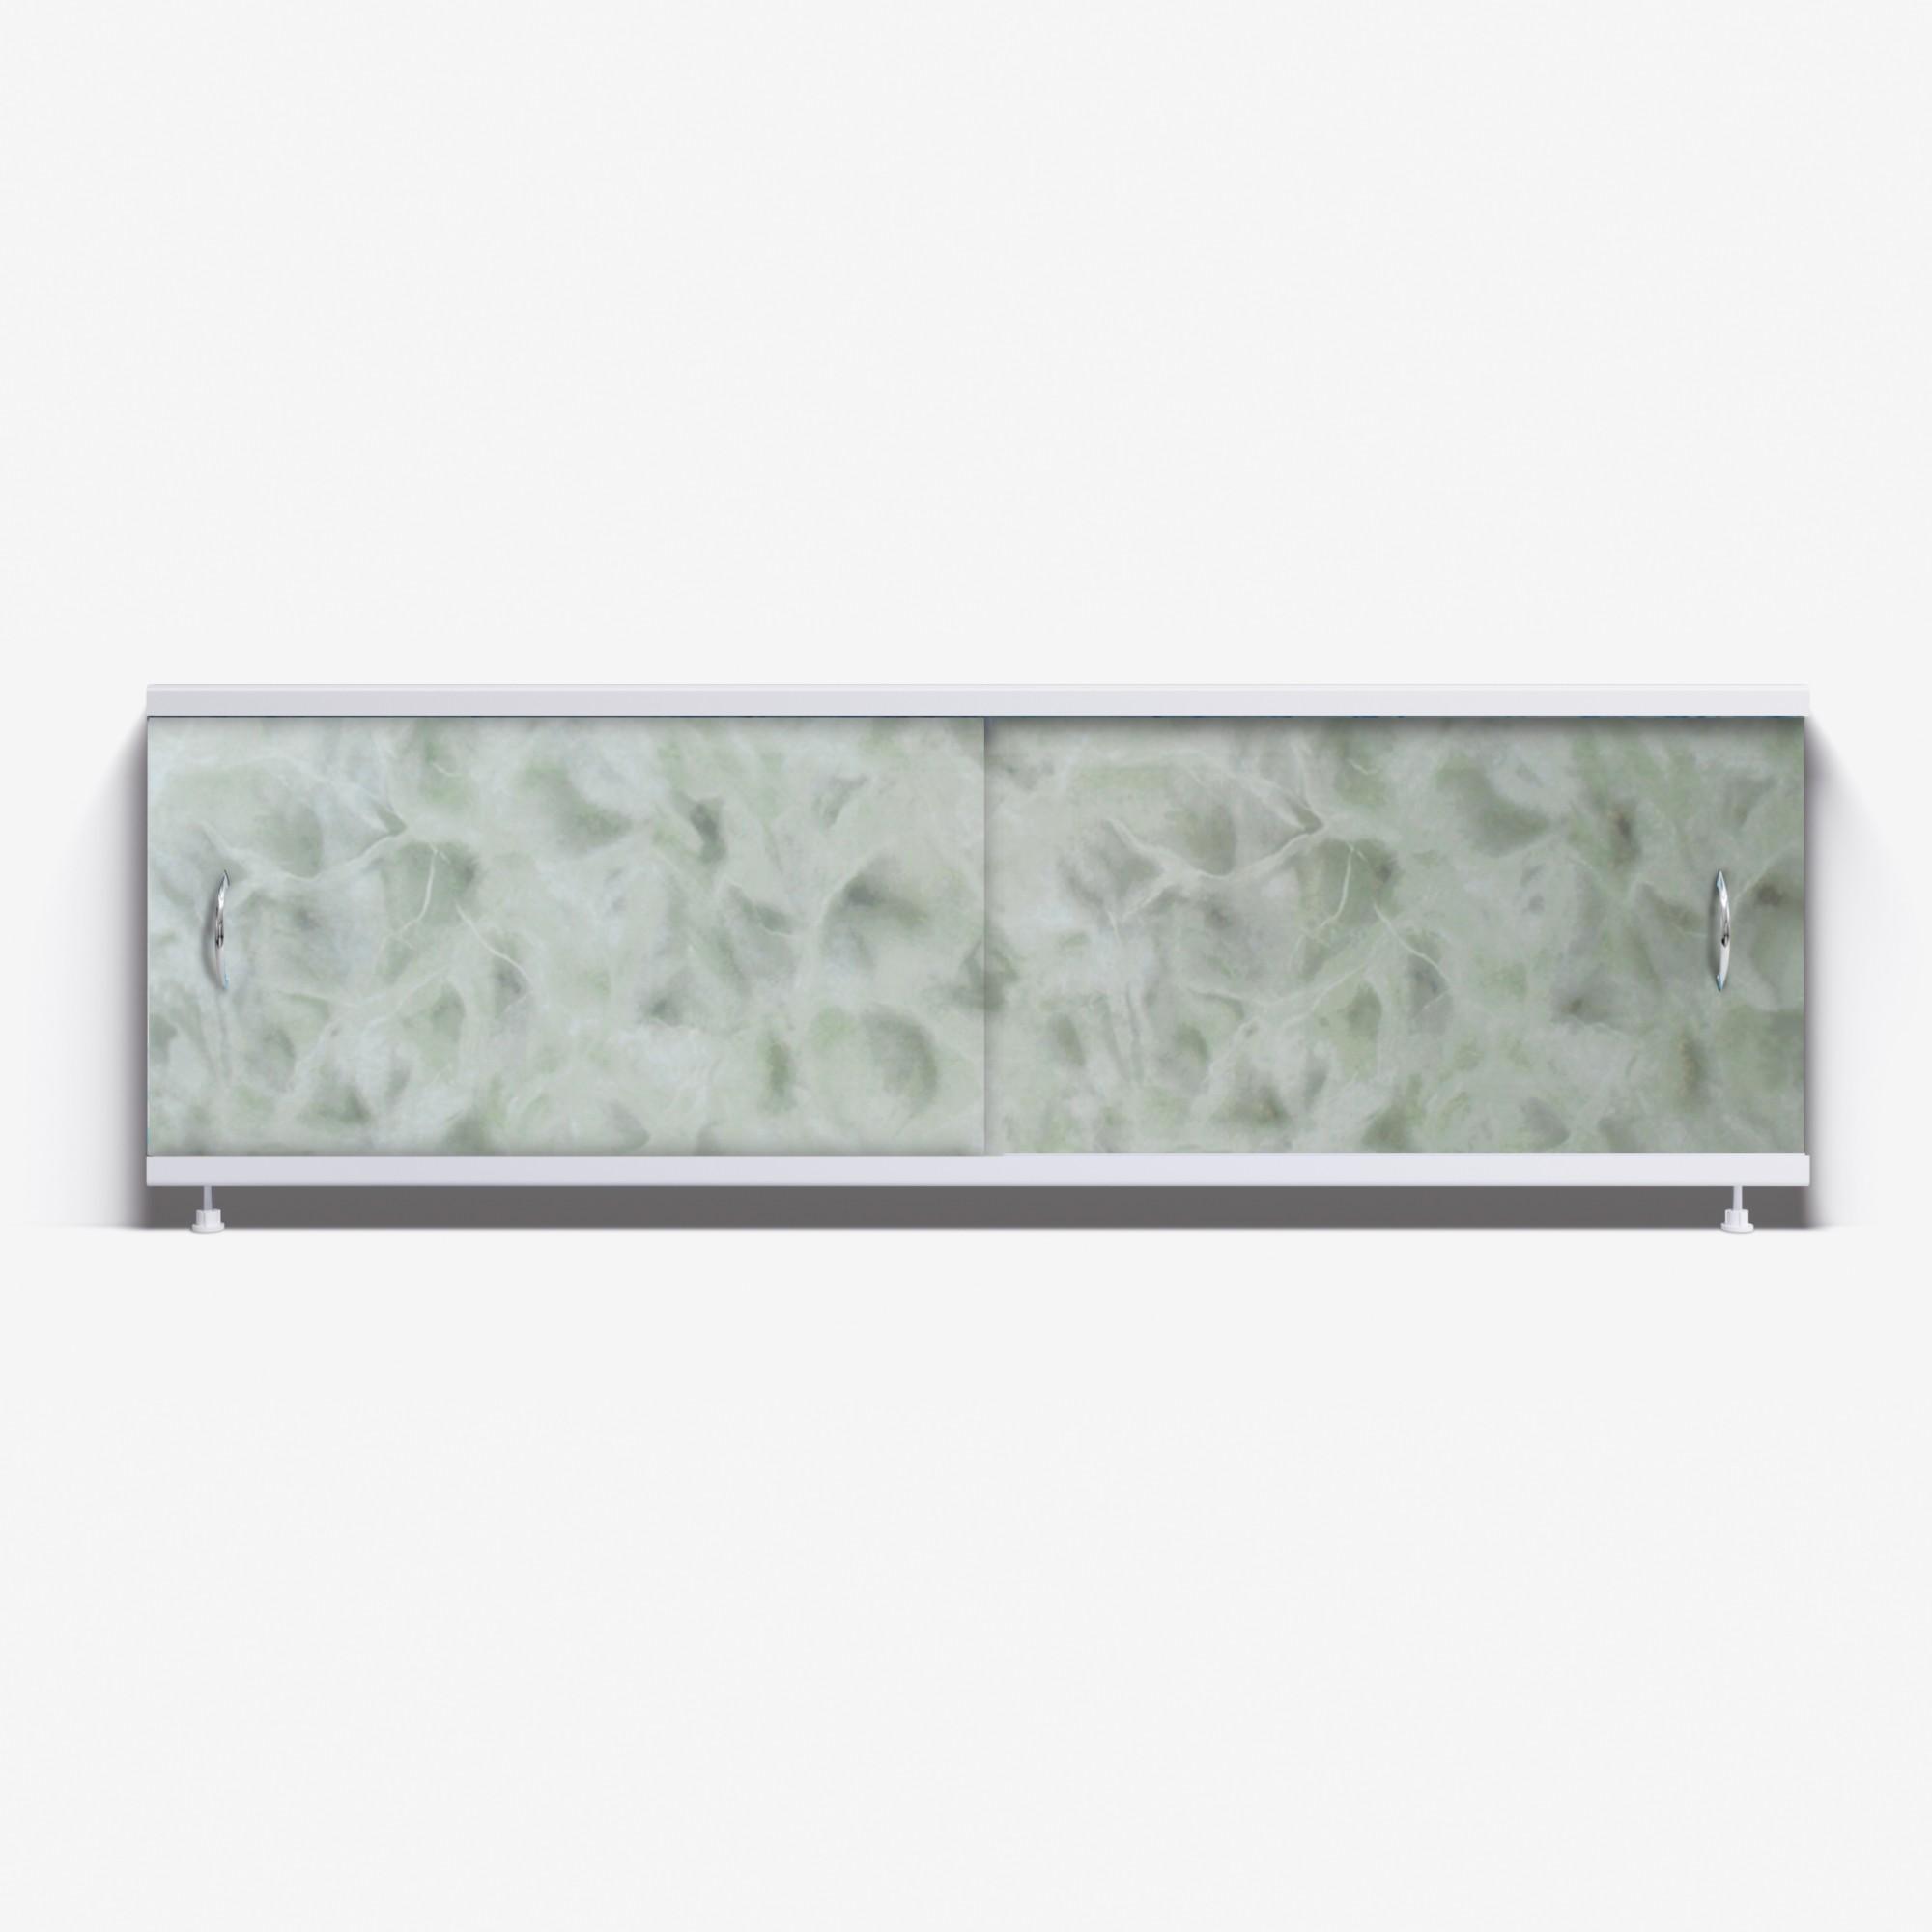 Экран под ванну Классик 170 светло-зеленый мрамор